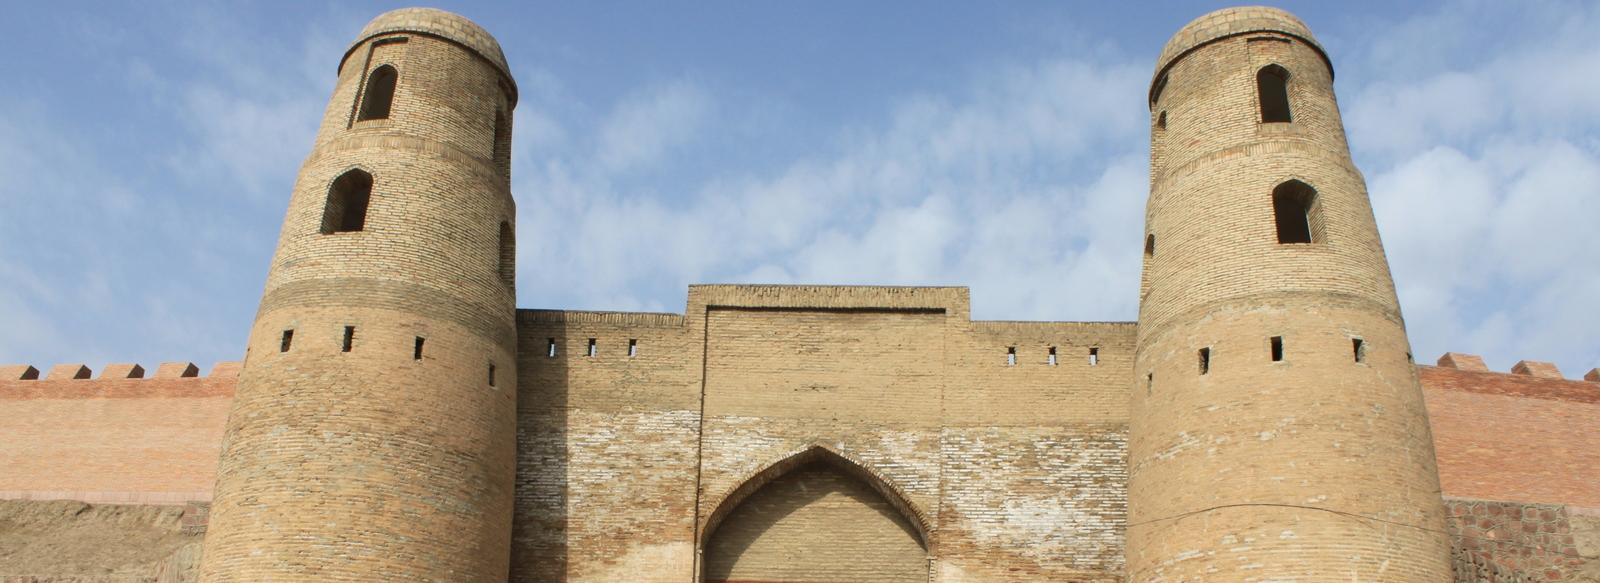 Fortress Hissar, Tadzjikistan